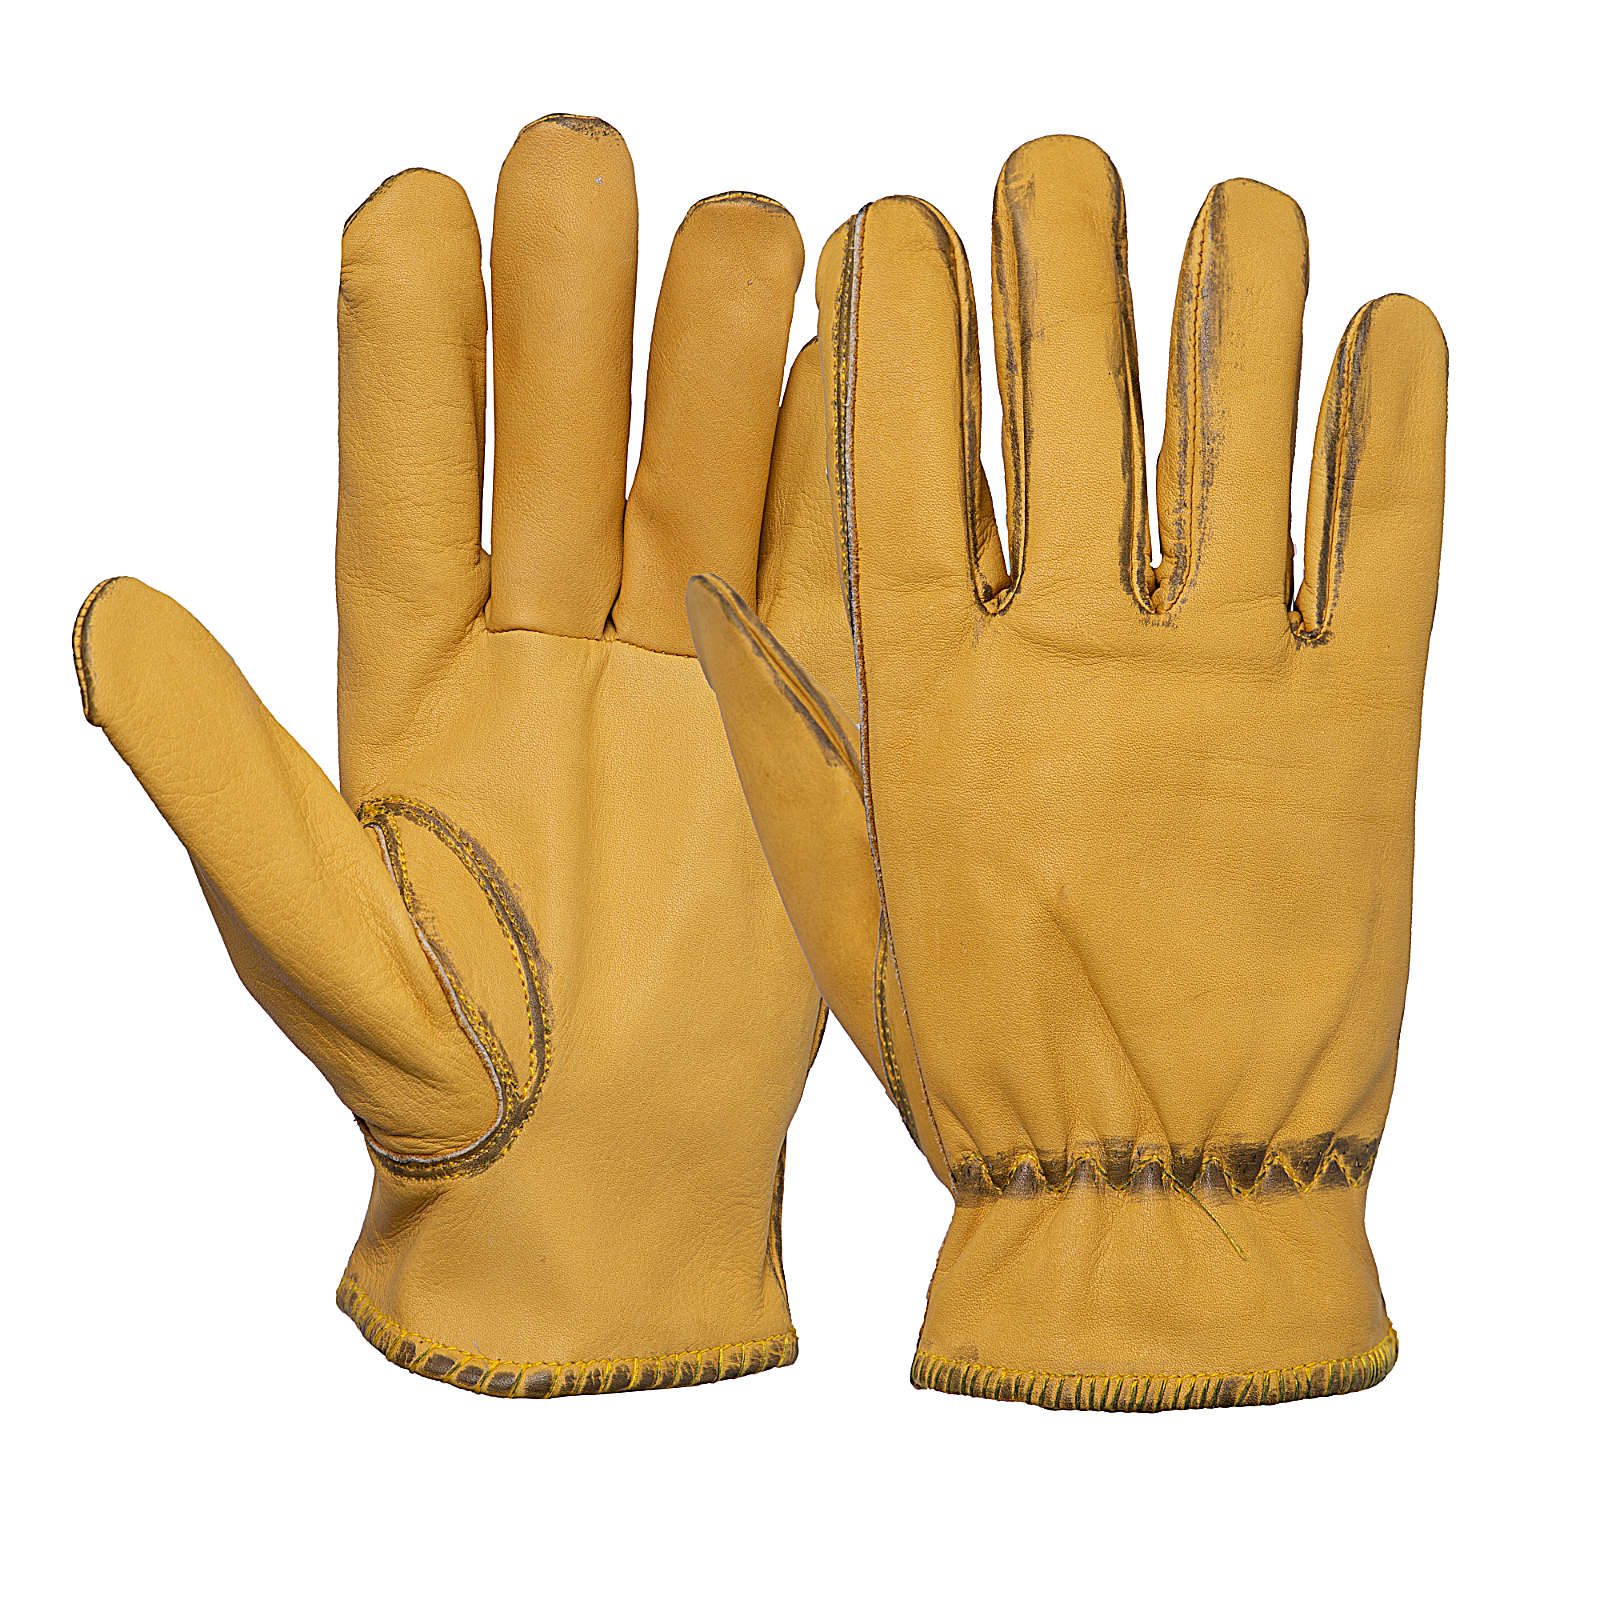 KING KEROSIN Herren Biker-Handschuhe im Vintage-Look Fahrradhandschuhe gelb Herren Gr. 10